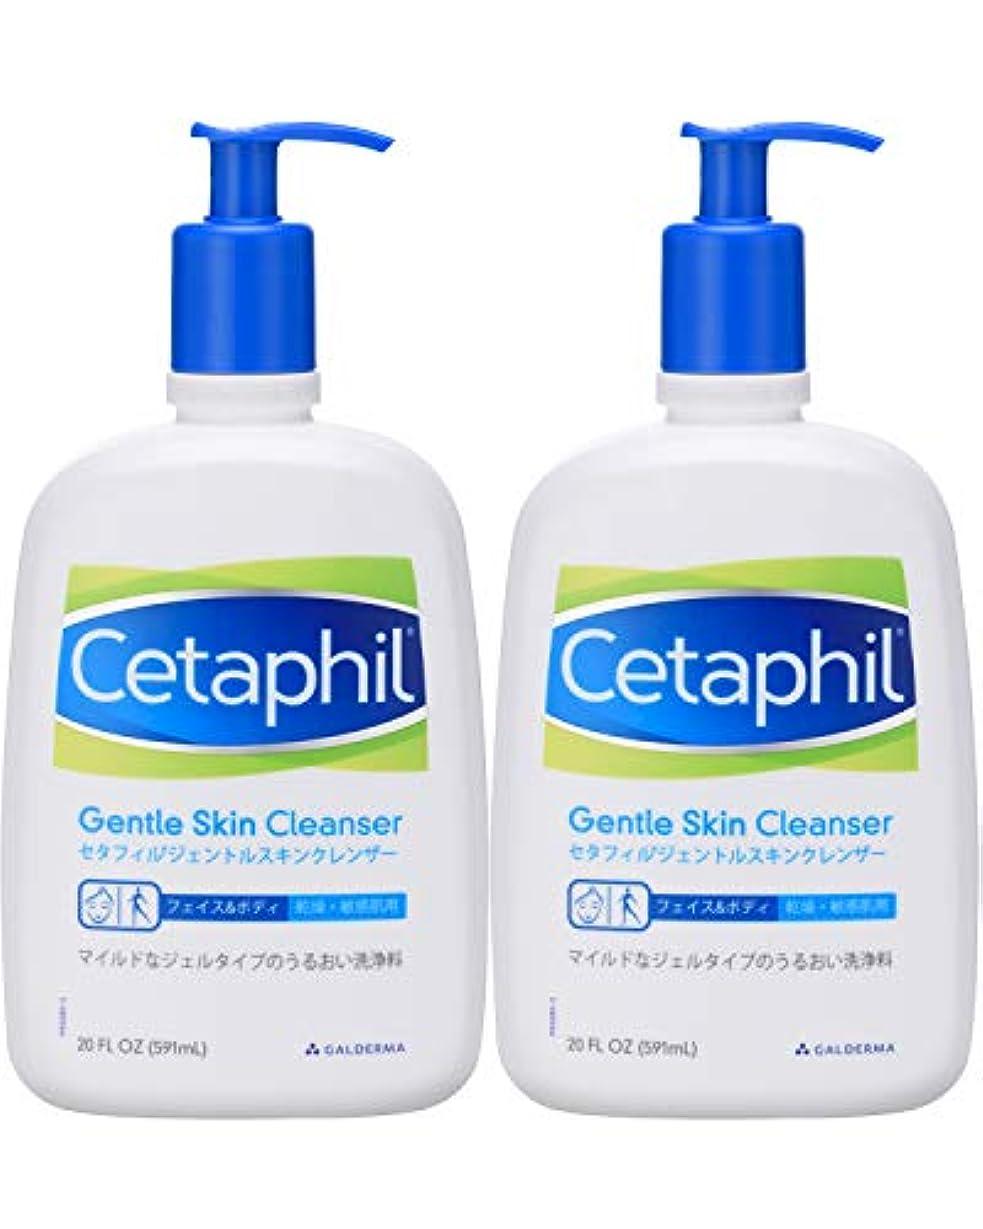 学ぶ手段老人セタフィル Cetaphil ® ジェントルスキンクレンザー 591ml 2本組 ( フェイス & ボディ 洗浄料 クレンザー )